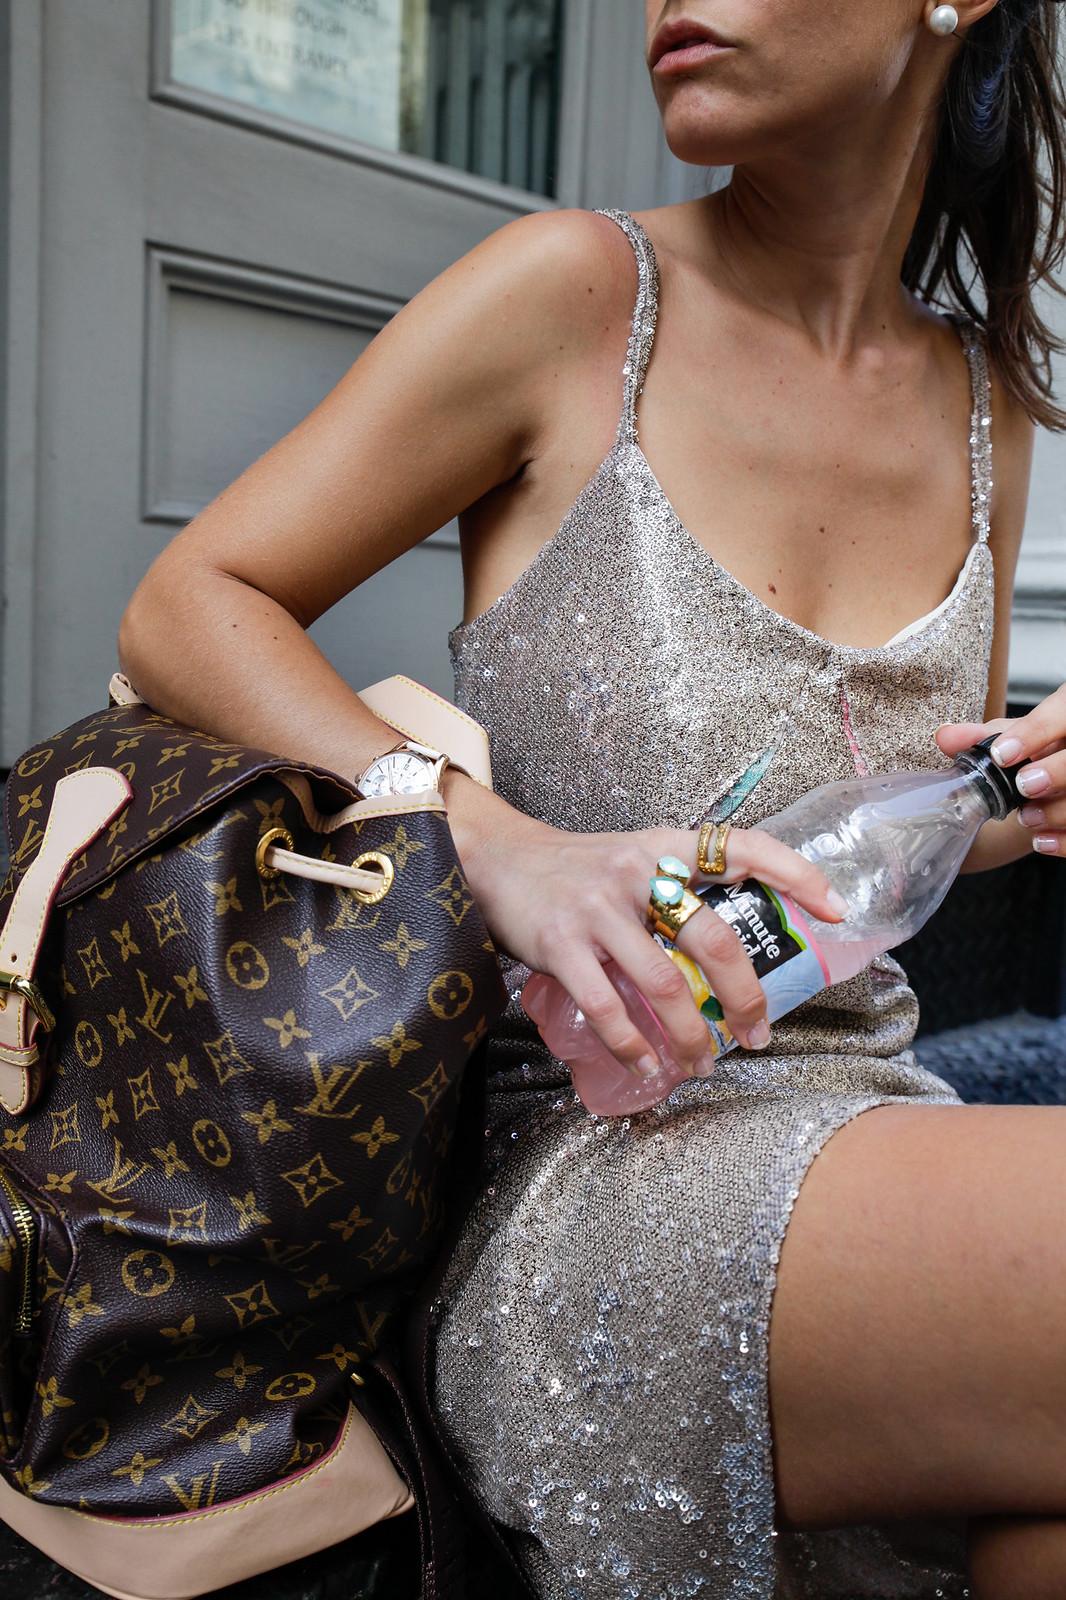 01_vestido_lentejuelas_casual_look_theguestgirl_nyc_fashion_show